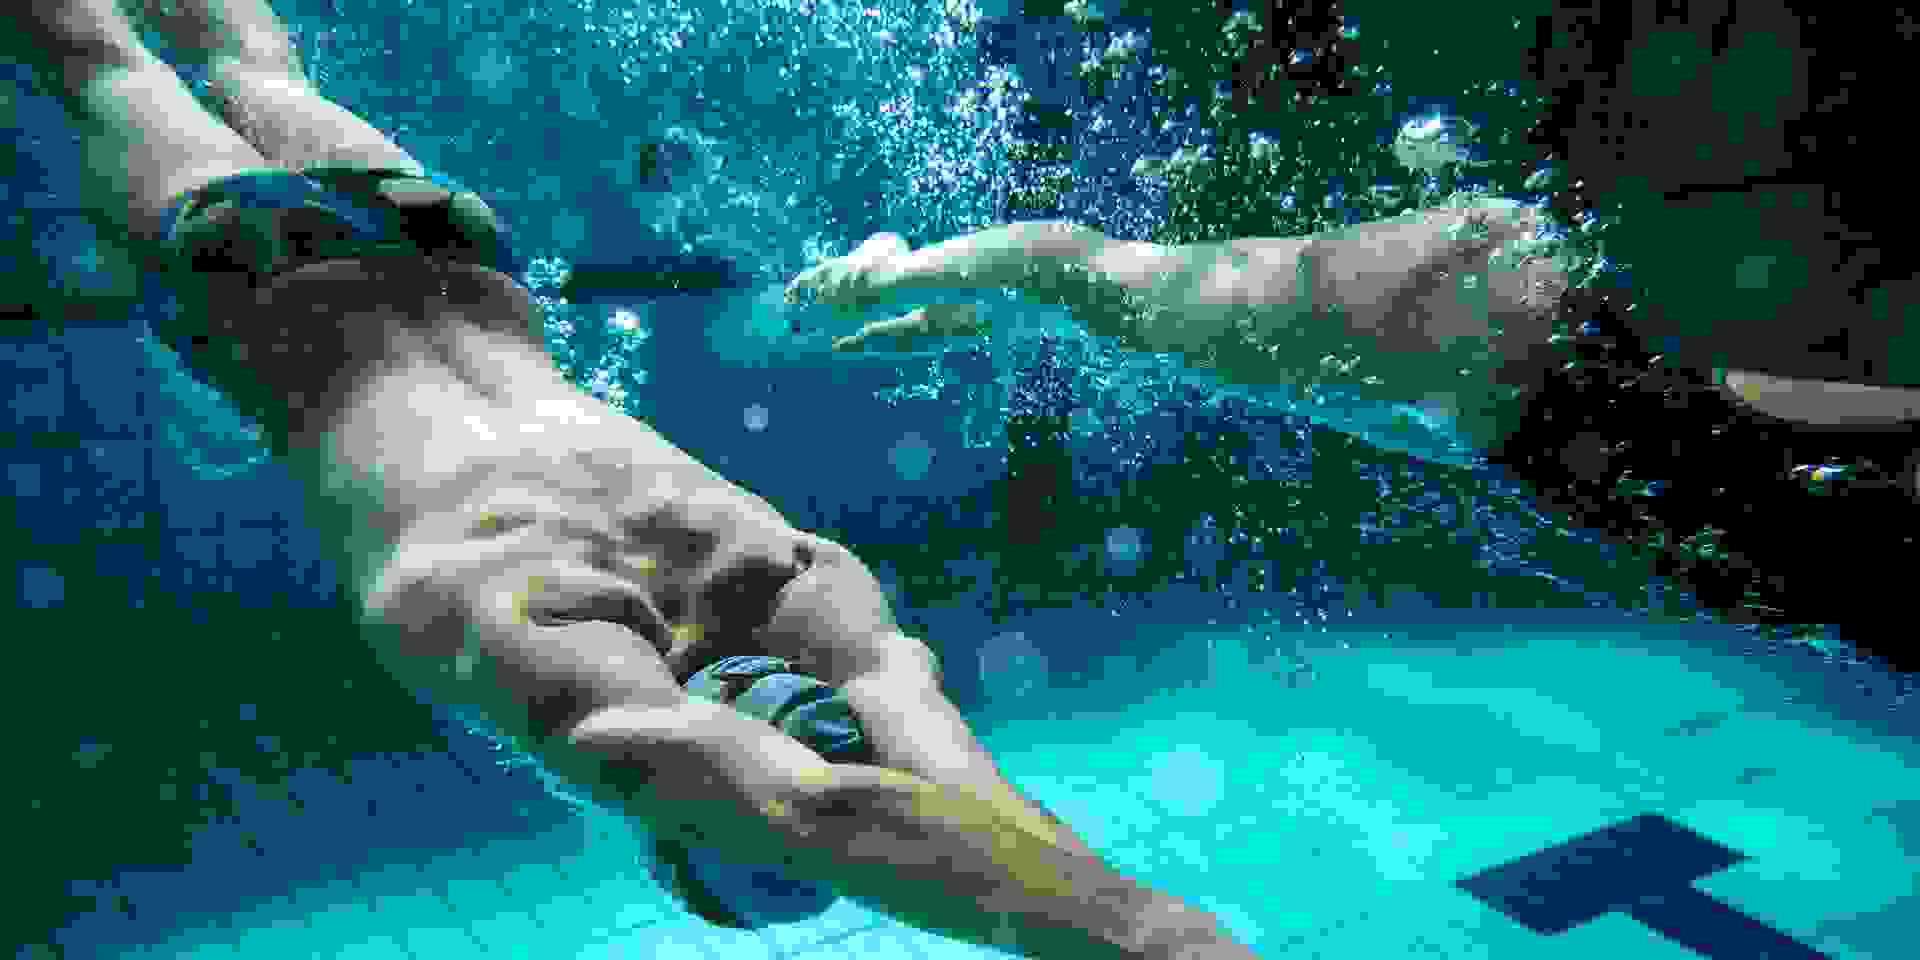 Schwimmer beim Schwimmtraining unter Wasser